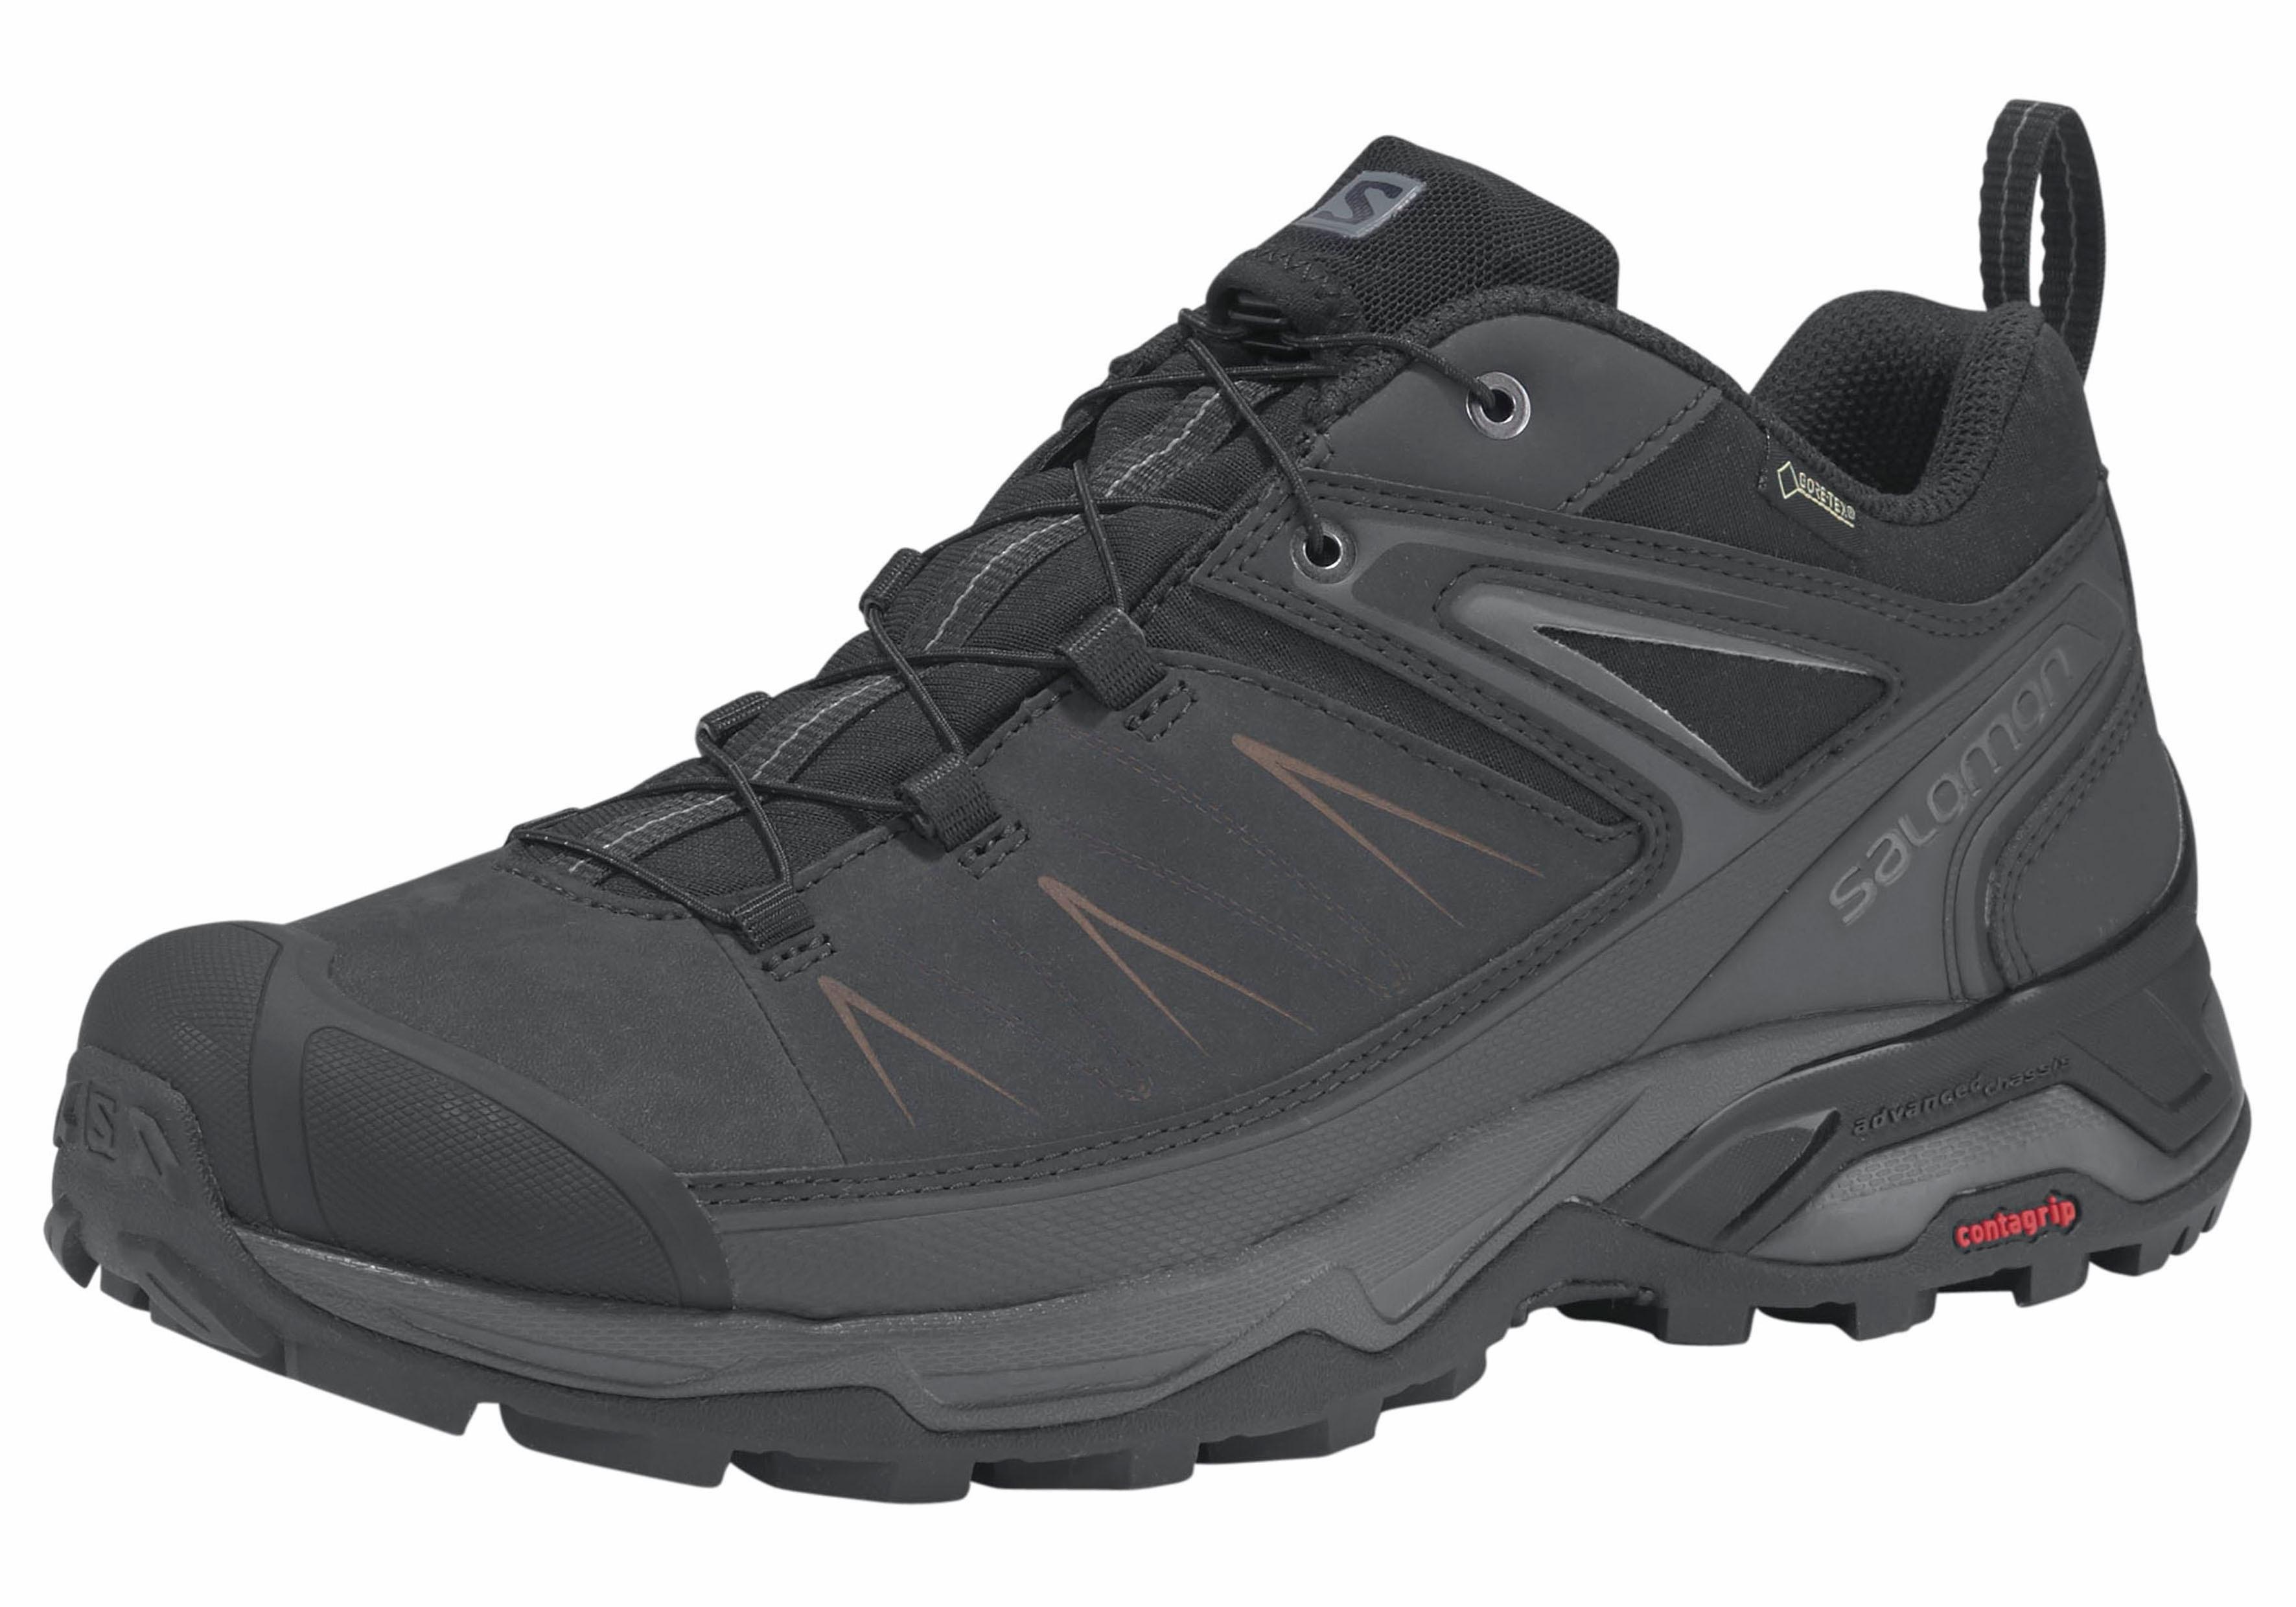 Salomon outdoorschoenen »X ULTRA 3 LTR Gore-Tex®« - gratis ruilen op otto.nl